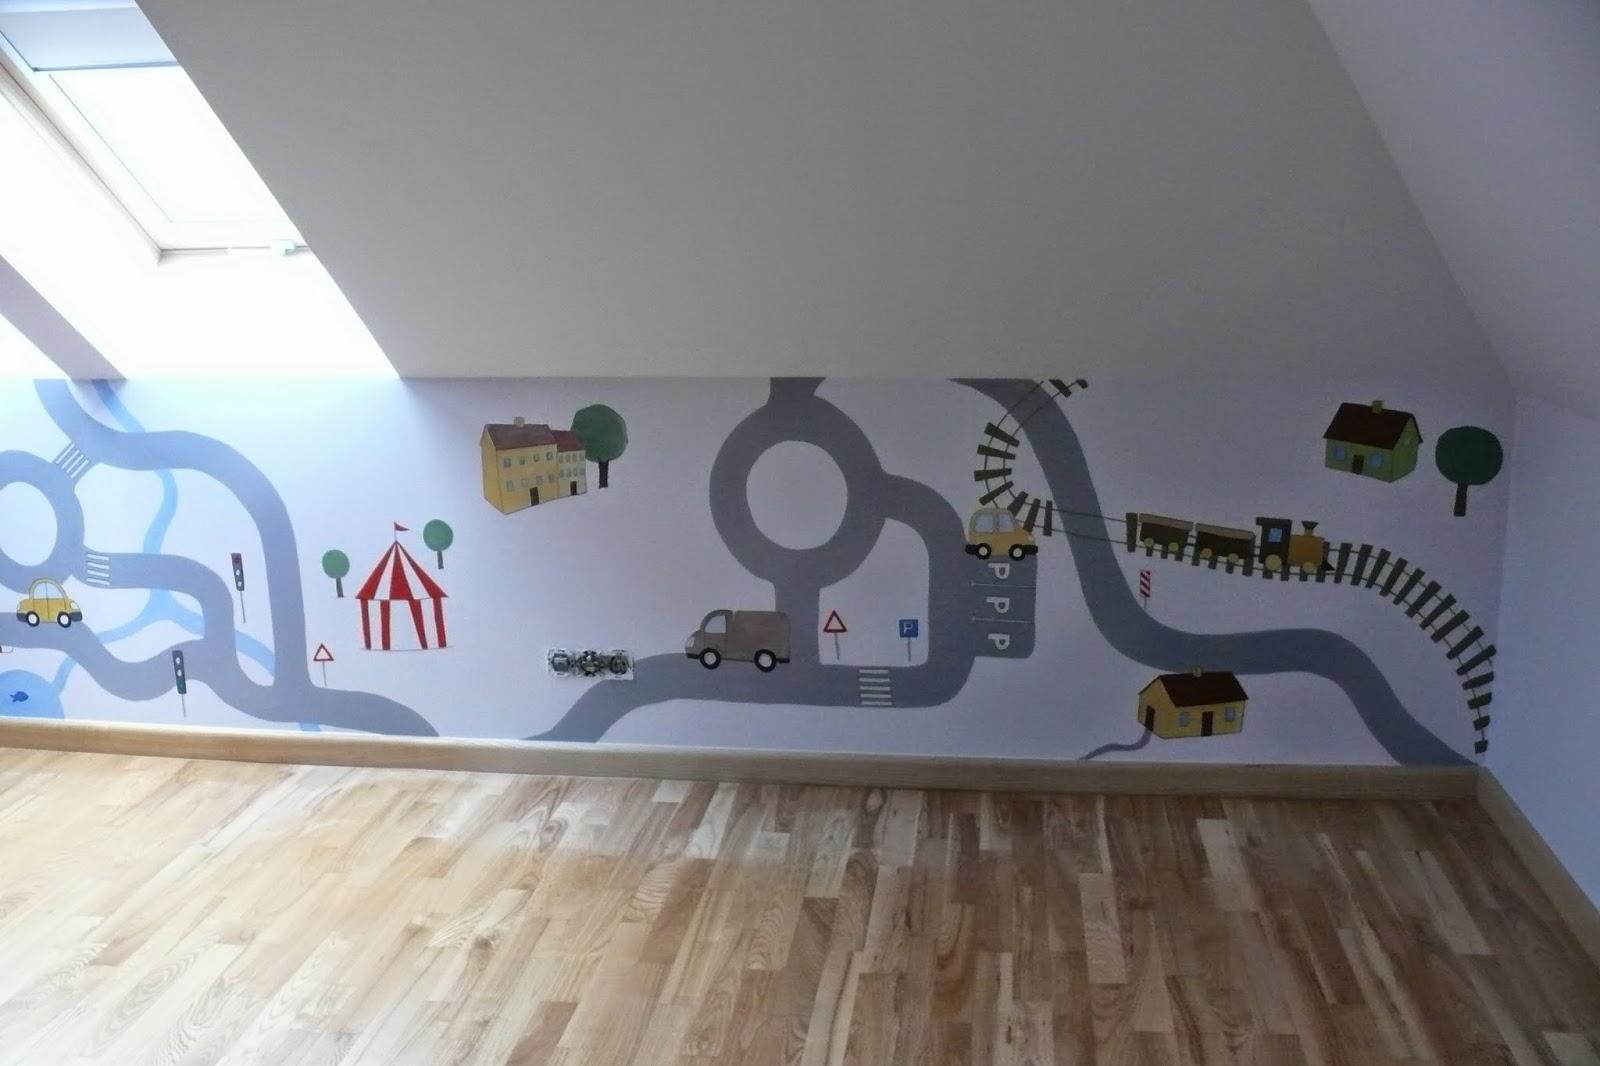 Artystyczne malowanie ściany w pokoju niemowlaka, prosta grafika ścienn